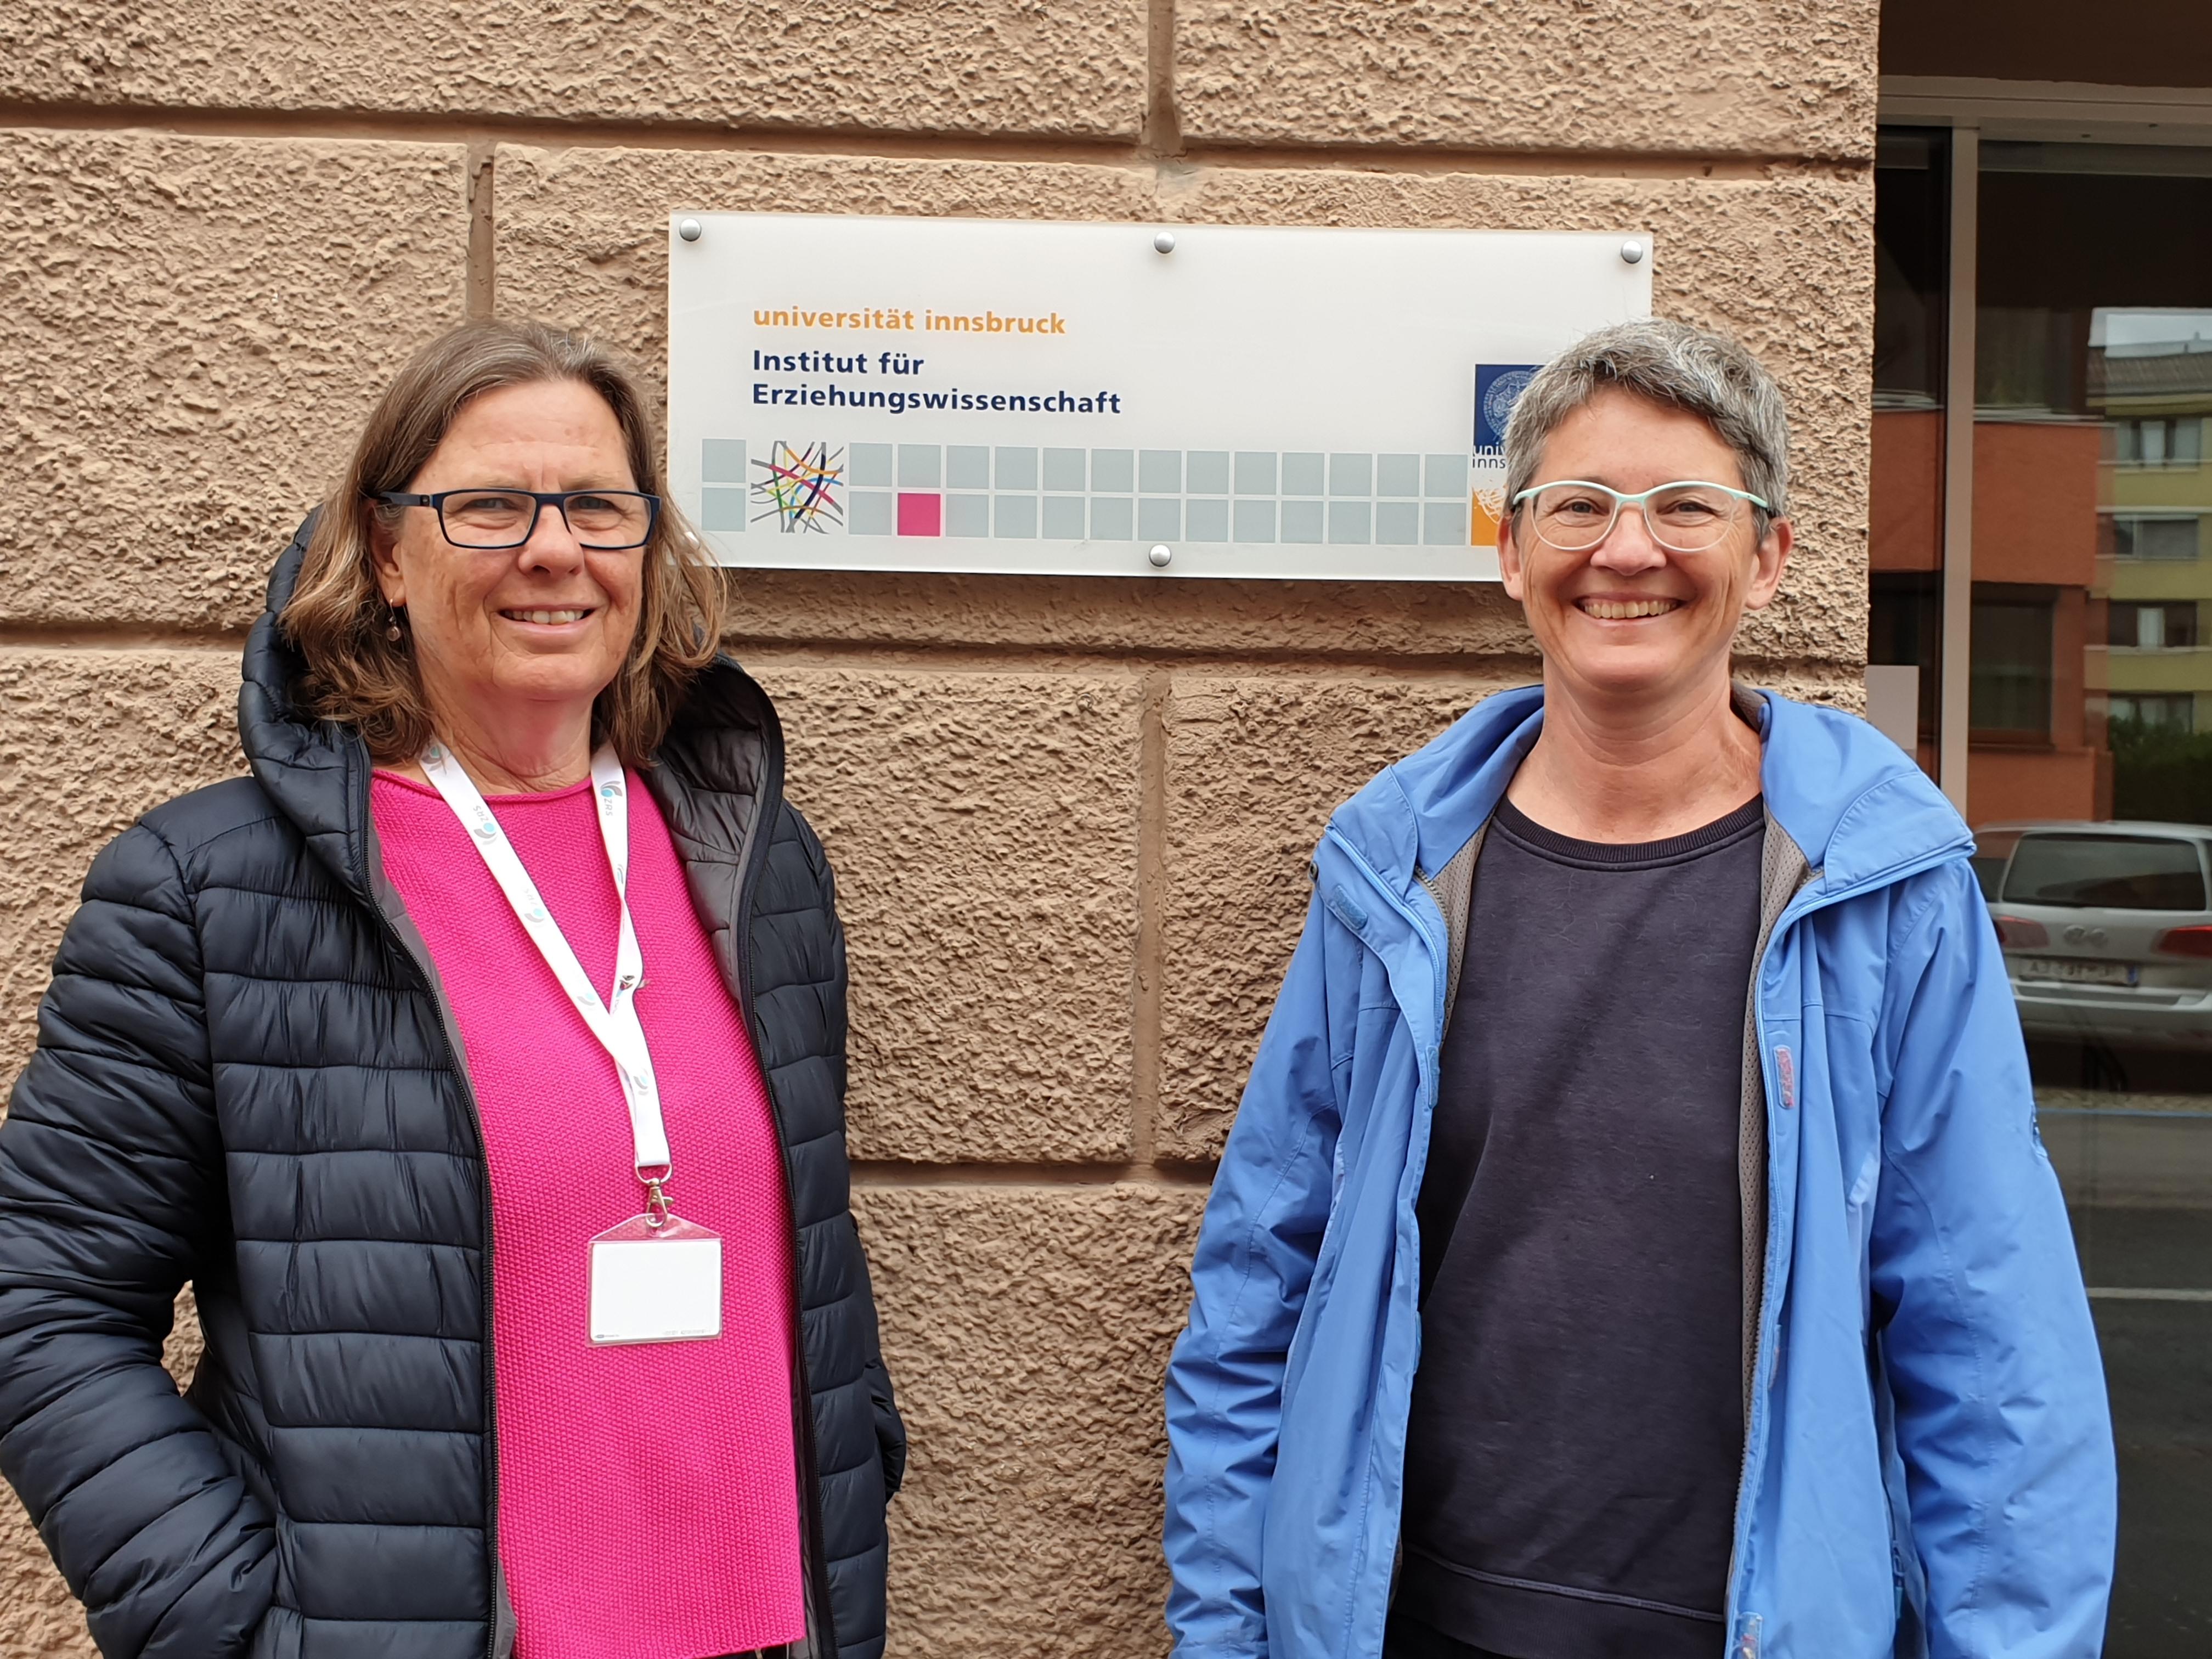 Foto der Kursleiterinnen vor dem Eingang des Instituts für Erziehungswissenschaft